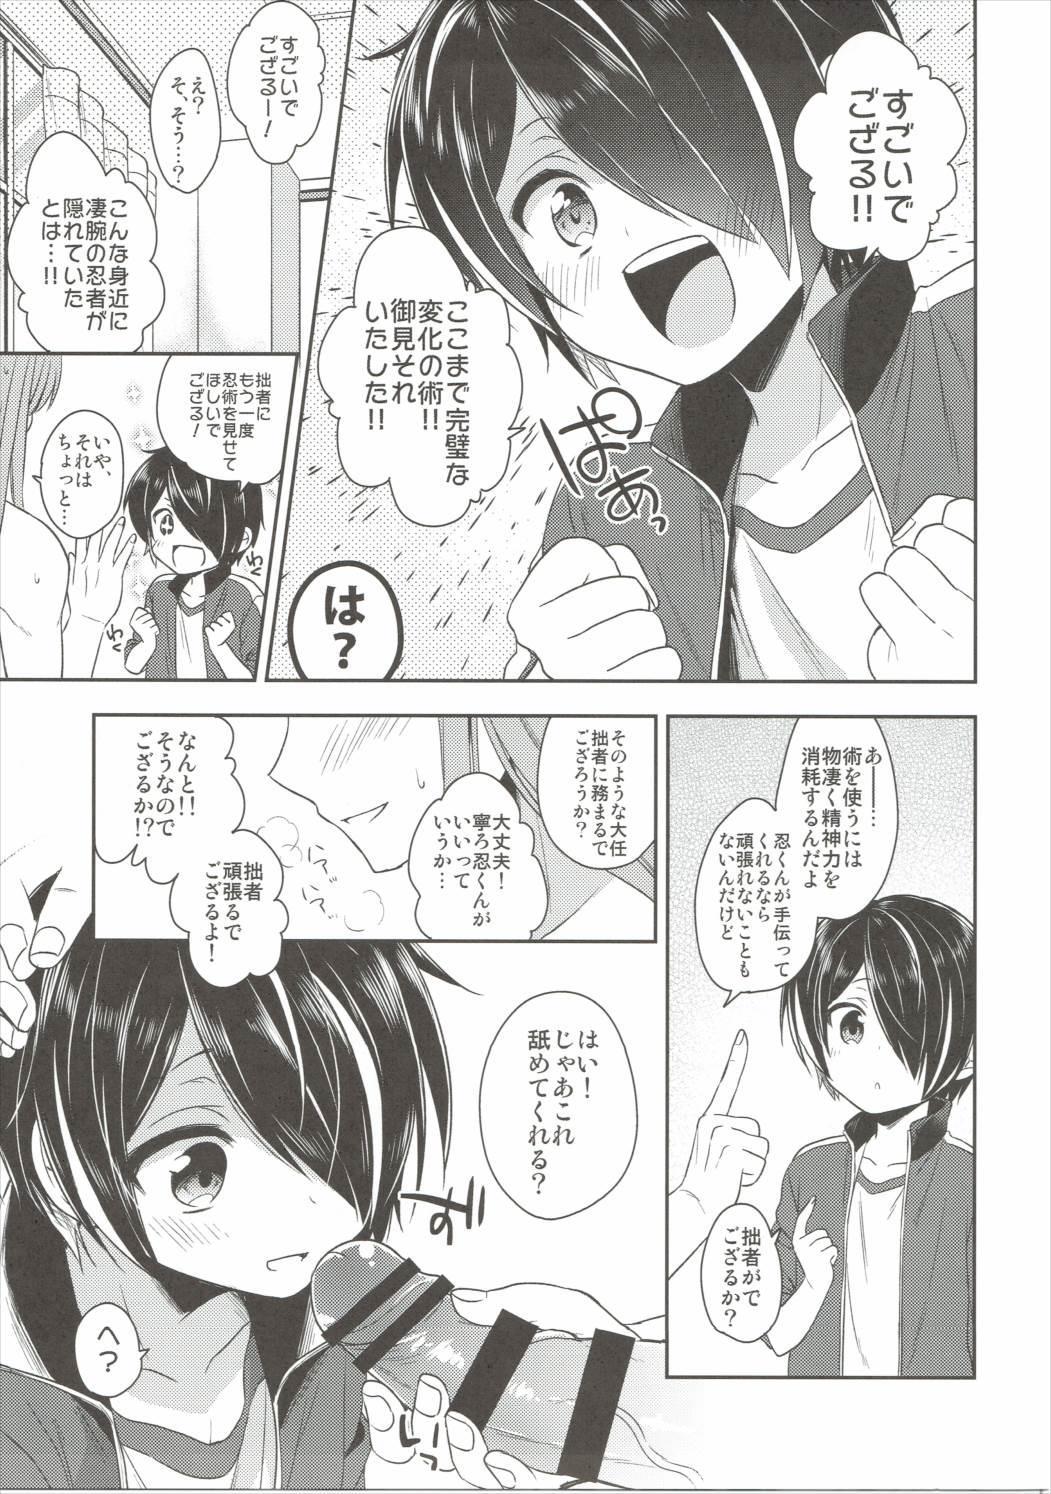 Shinobu-kun ga Kawaisugiru no ga Ikenai!! 9